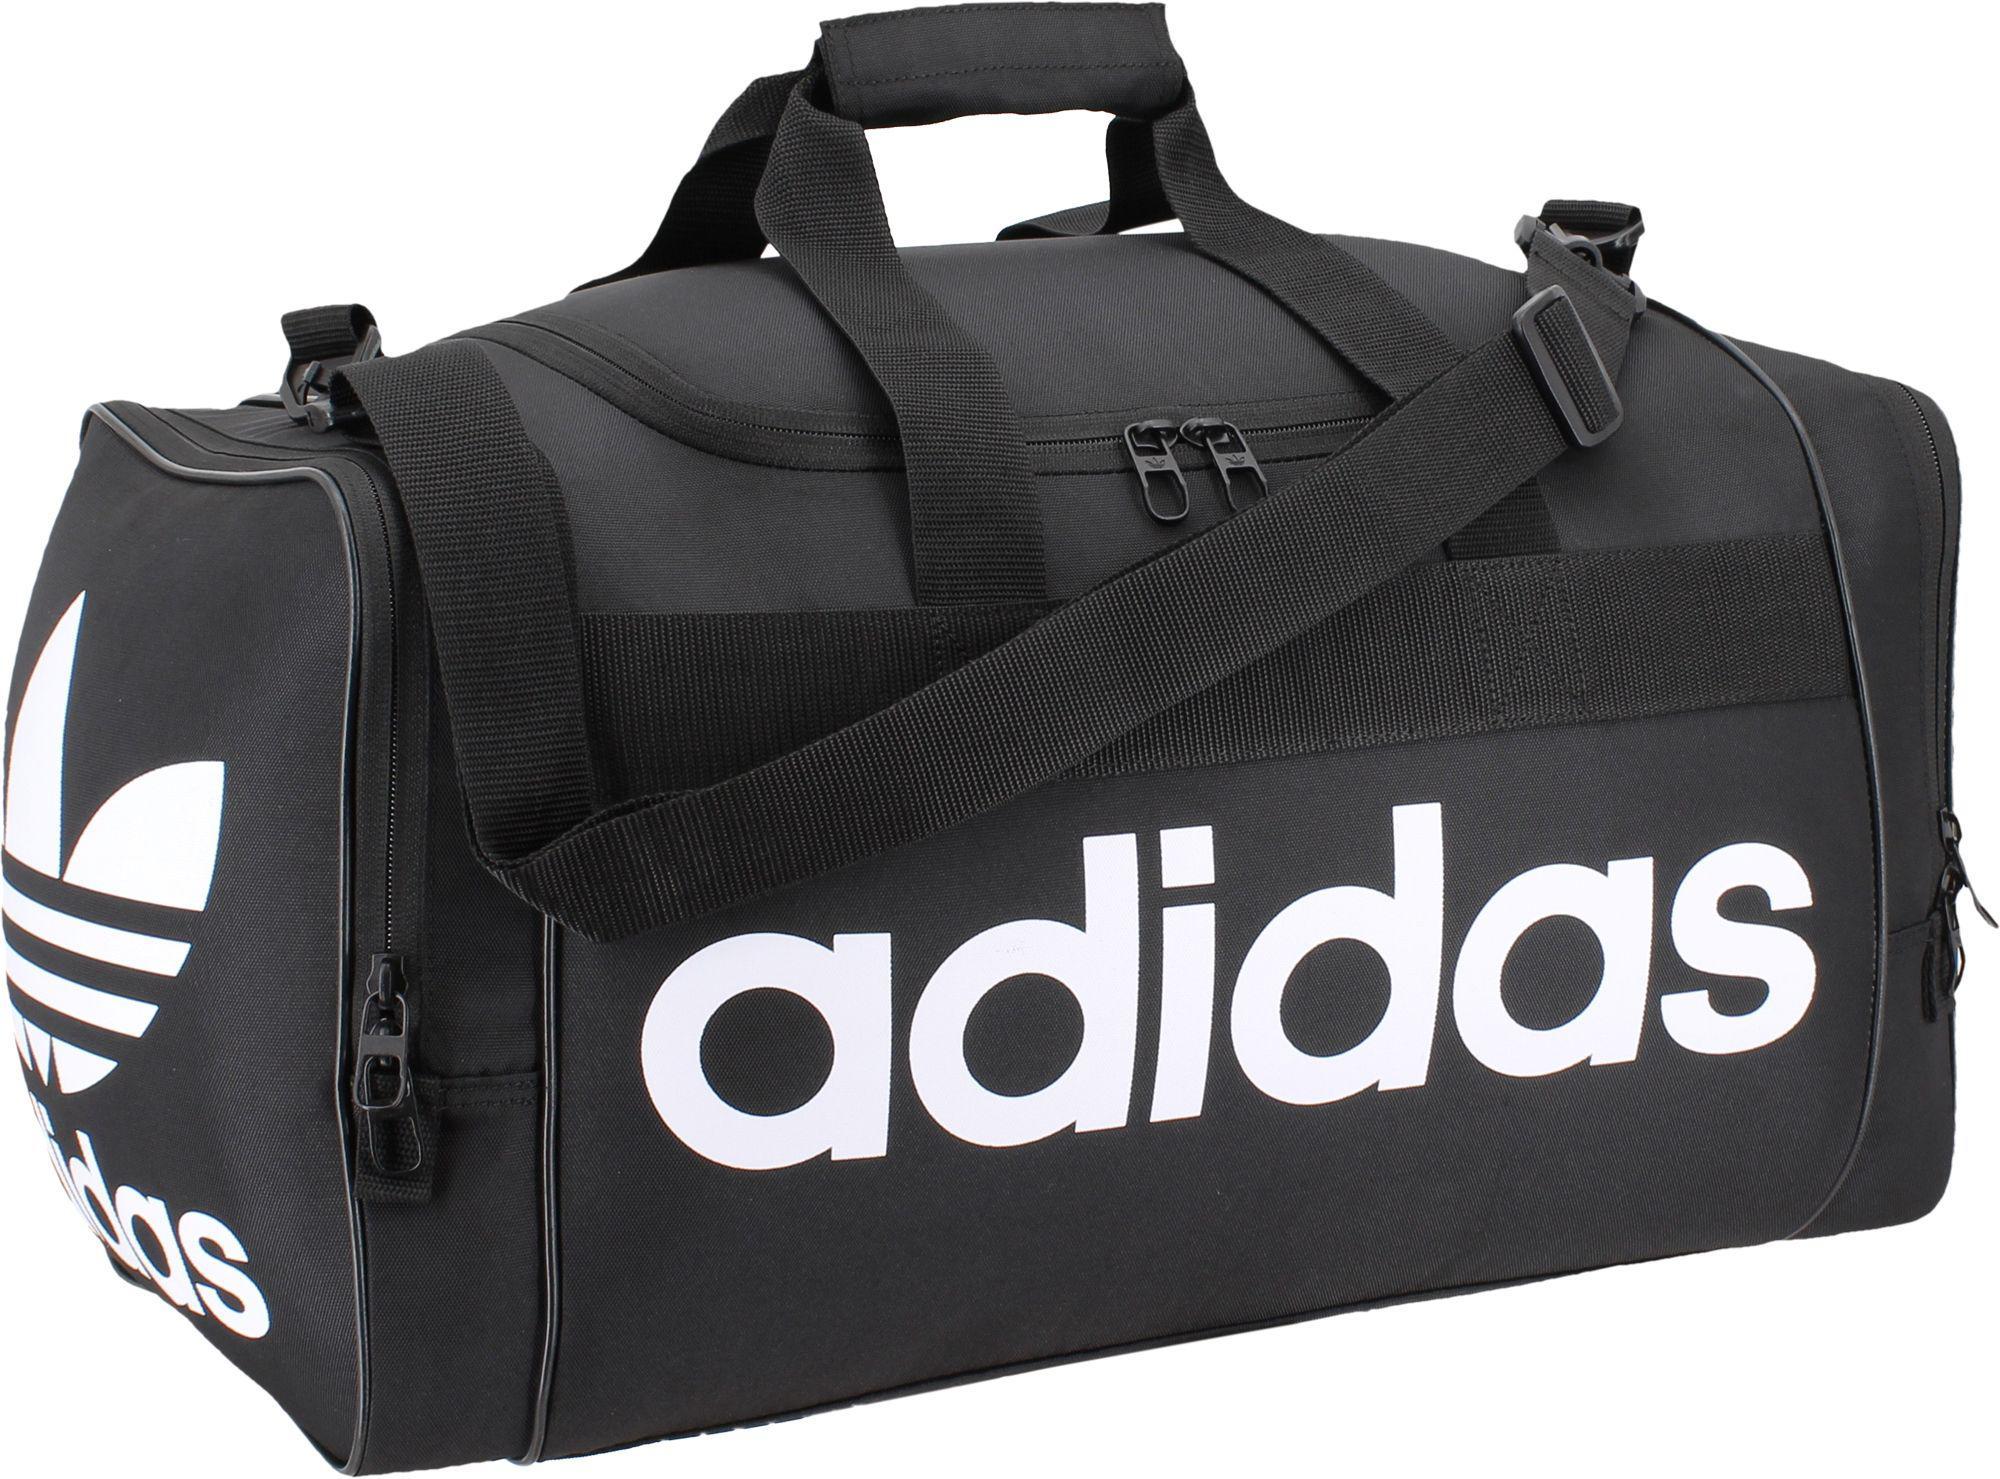 Lyst - adidas Originals Santiago Duffle Bag in Black for Men 8c1fa290cc763